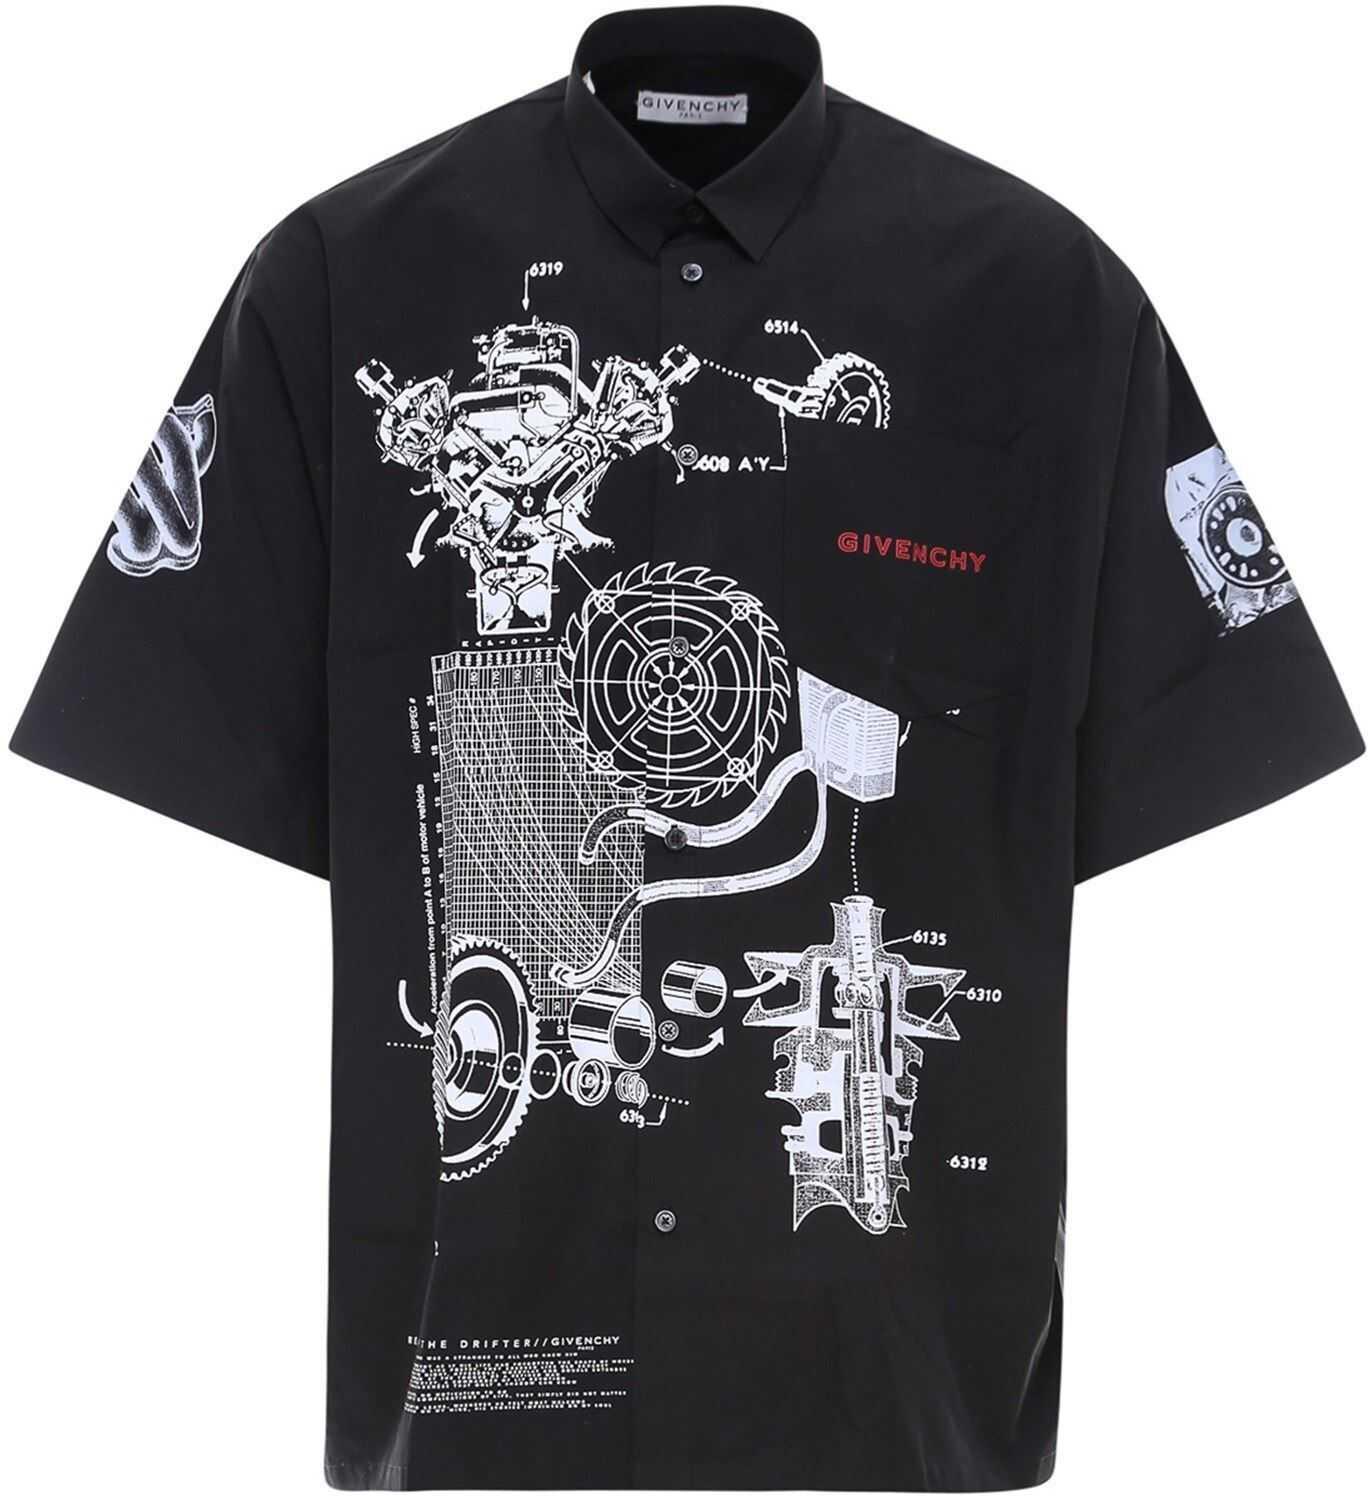 Givenchy Schematics Cotton Shirt In Black Black imagine